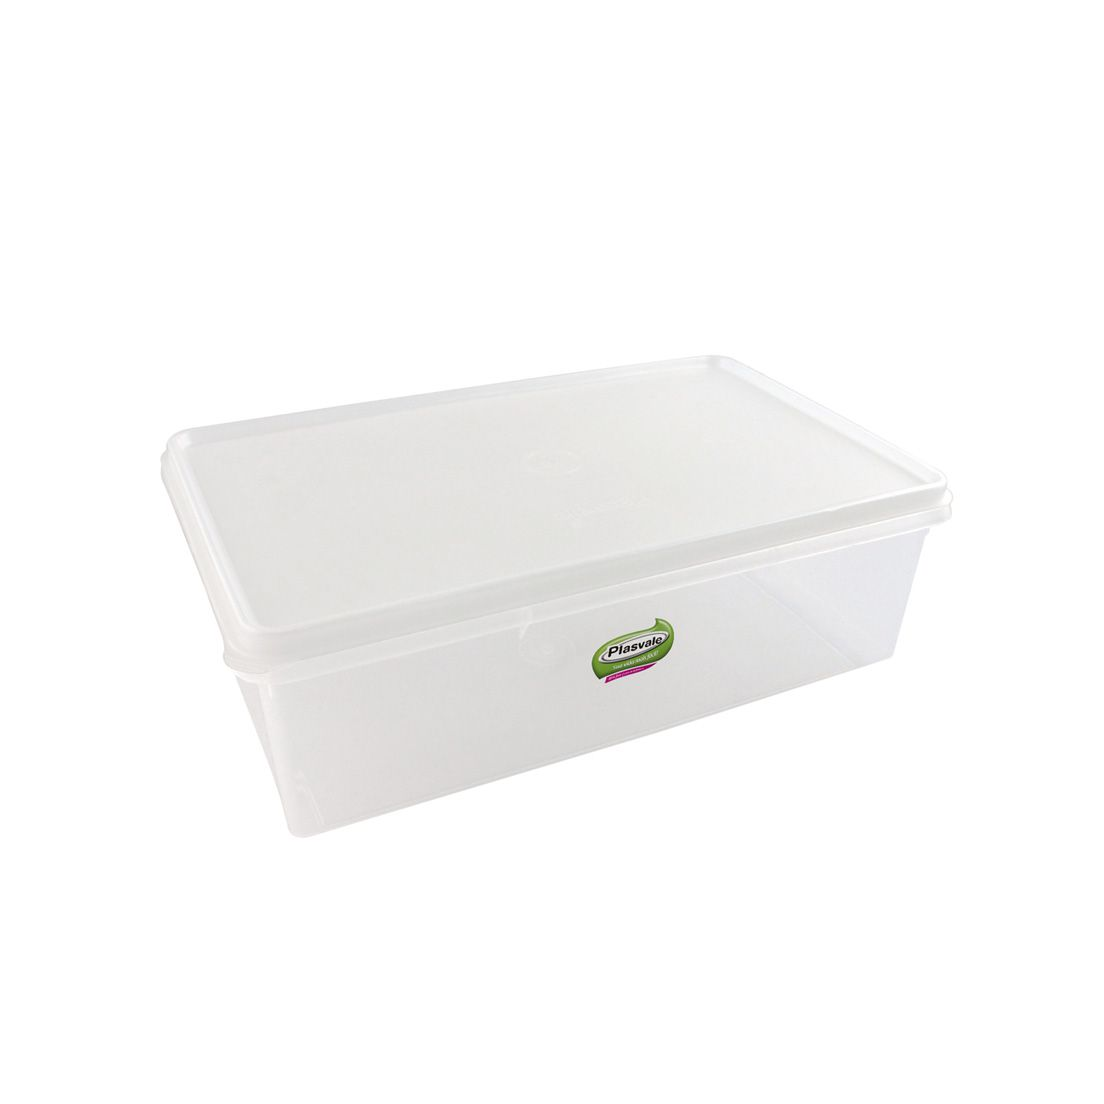 Caixa Organizadora para Freezer e Geladeira de Plástico com Tampa Retangular 6,5L